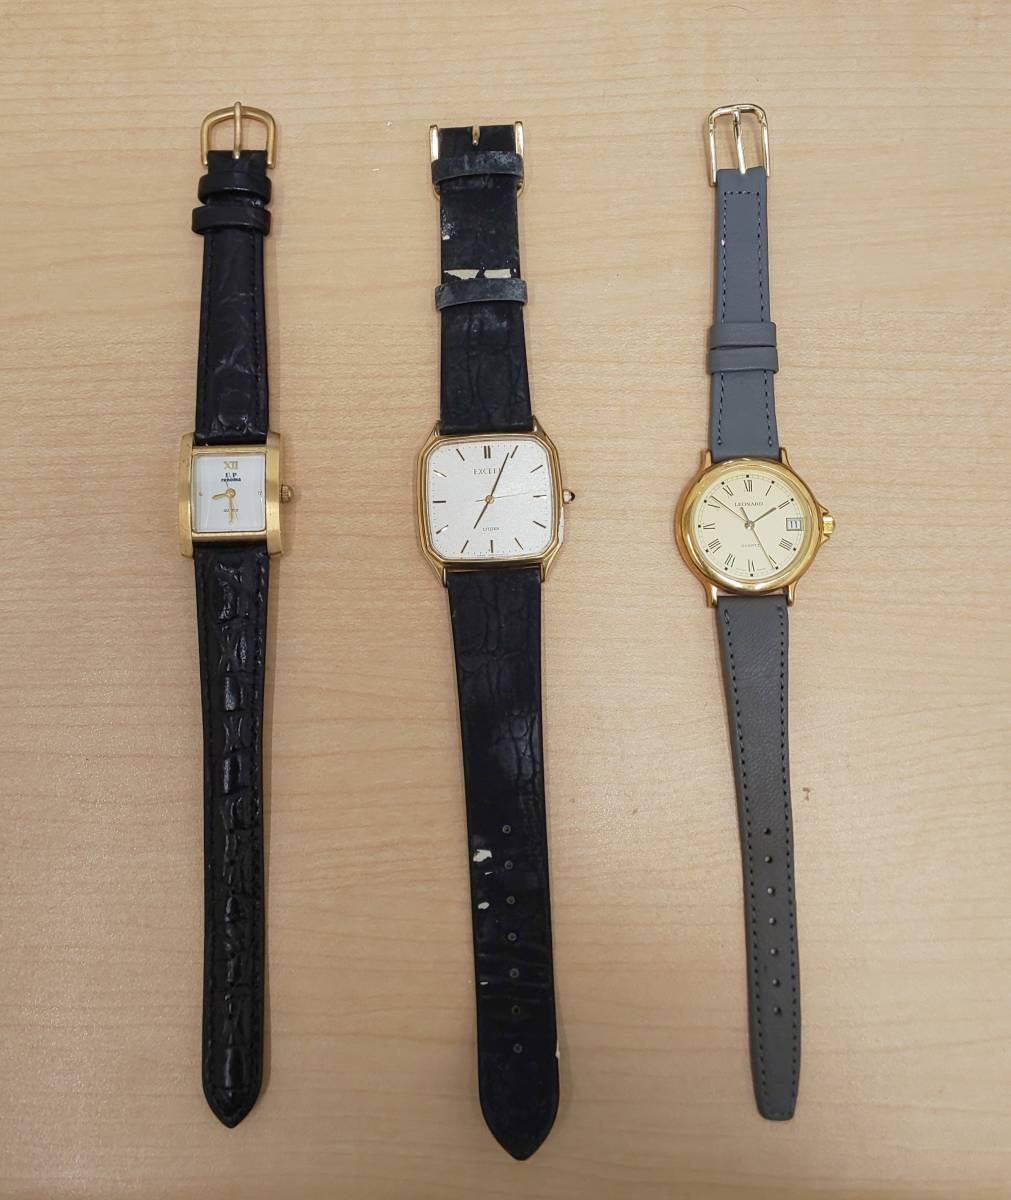 【5008】レディース 腕時計 ジャンク / ANTIMAG4800 citizen EXCEED / u.p renoma レノマ クオーツ / leonard レオナール